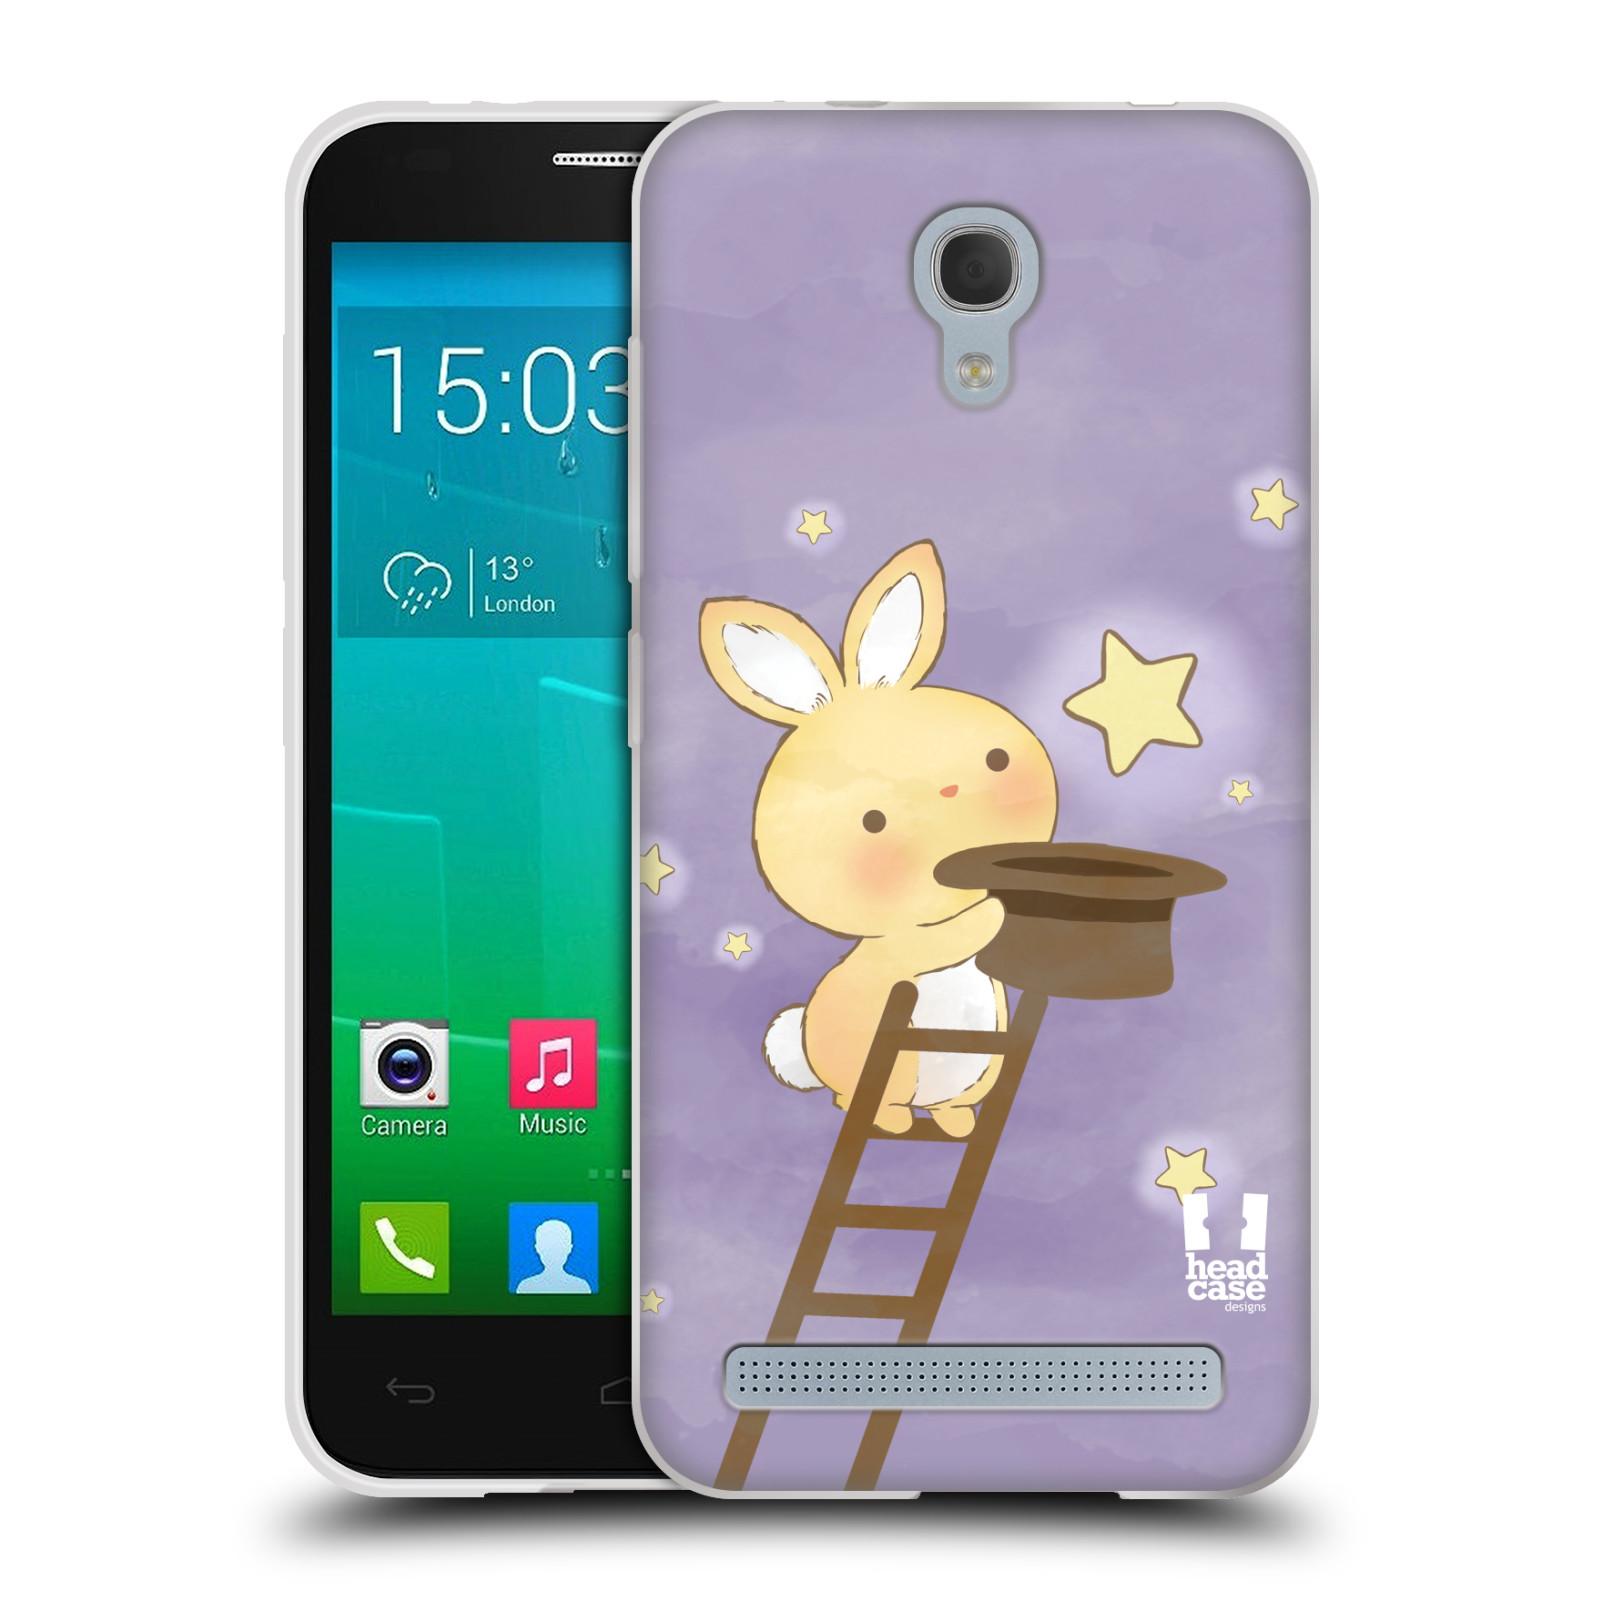 HEAD CASE silikonový obal na mobil Alcatel Idol 2 MINI S 6036Y vzor králíček a hvězdy fialová